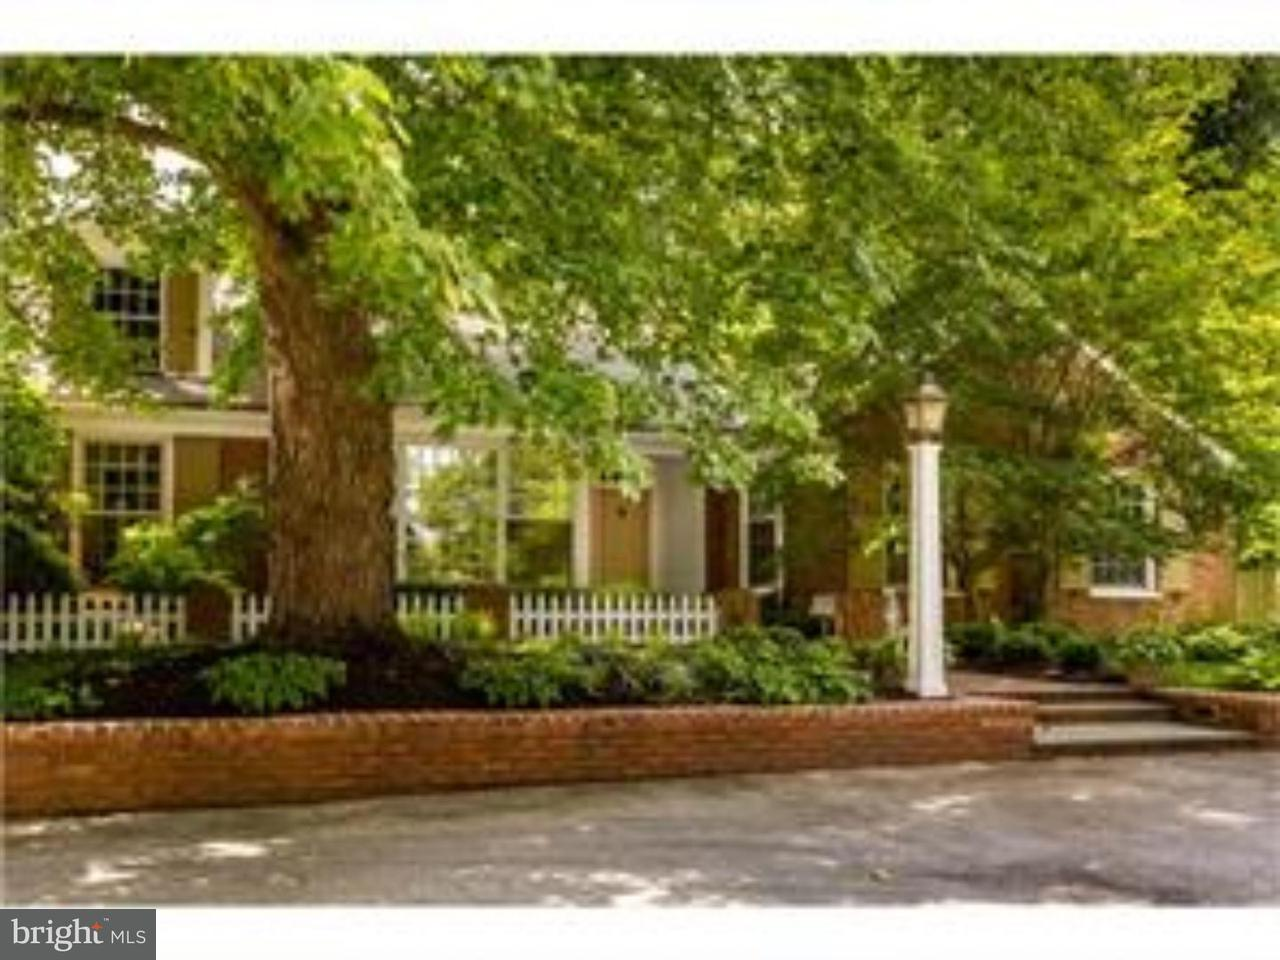 独户住宅 为 出租 在 400 S ITHAN Avenue 维拉诺瓦, 宾夕法尼亚州 19085 美国